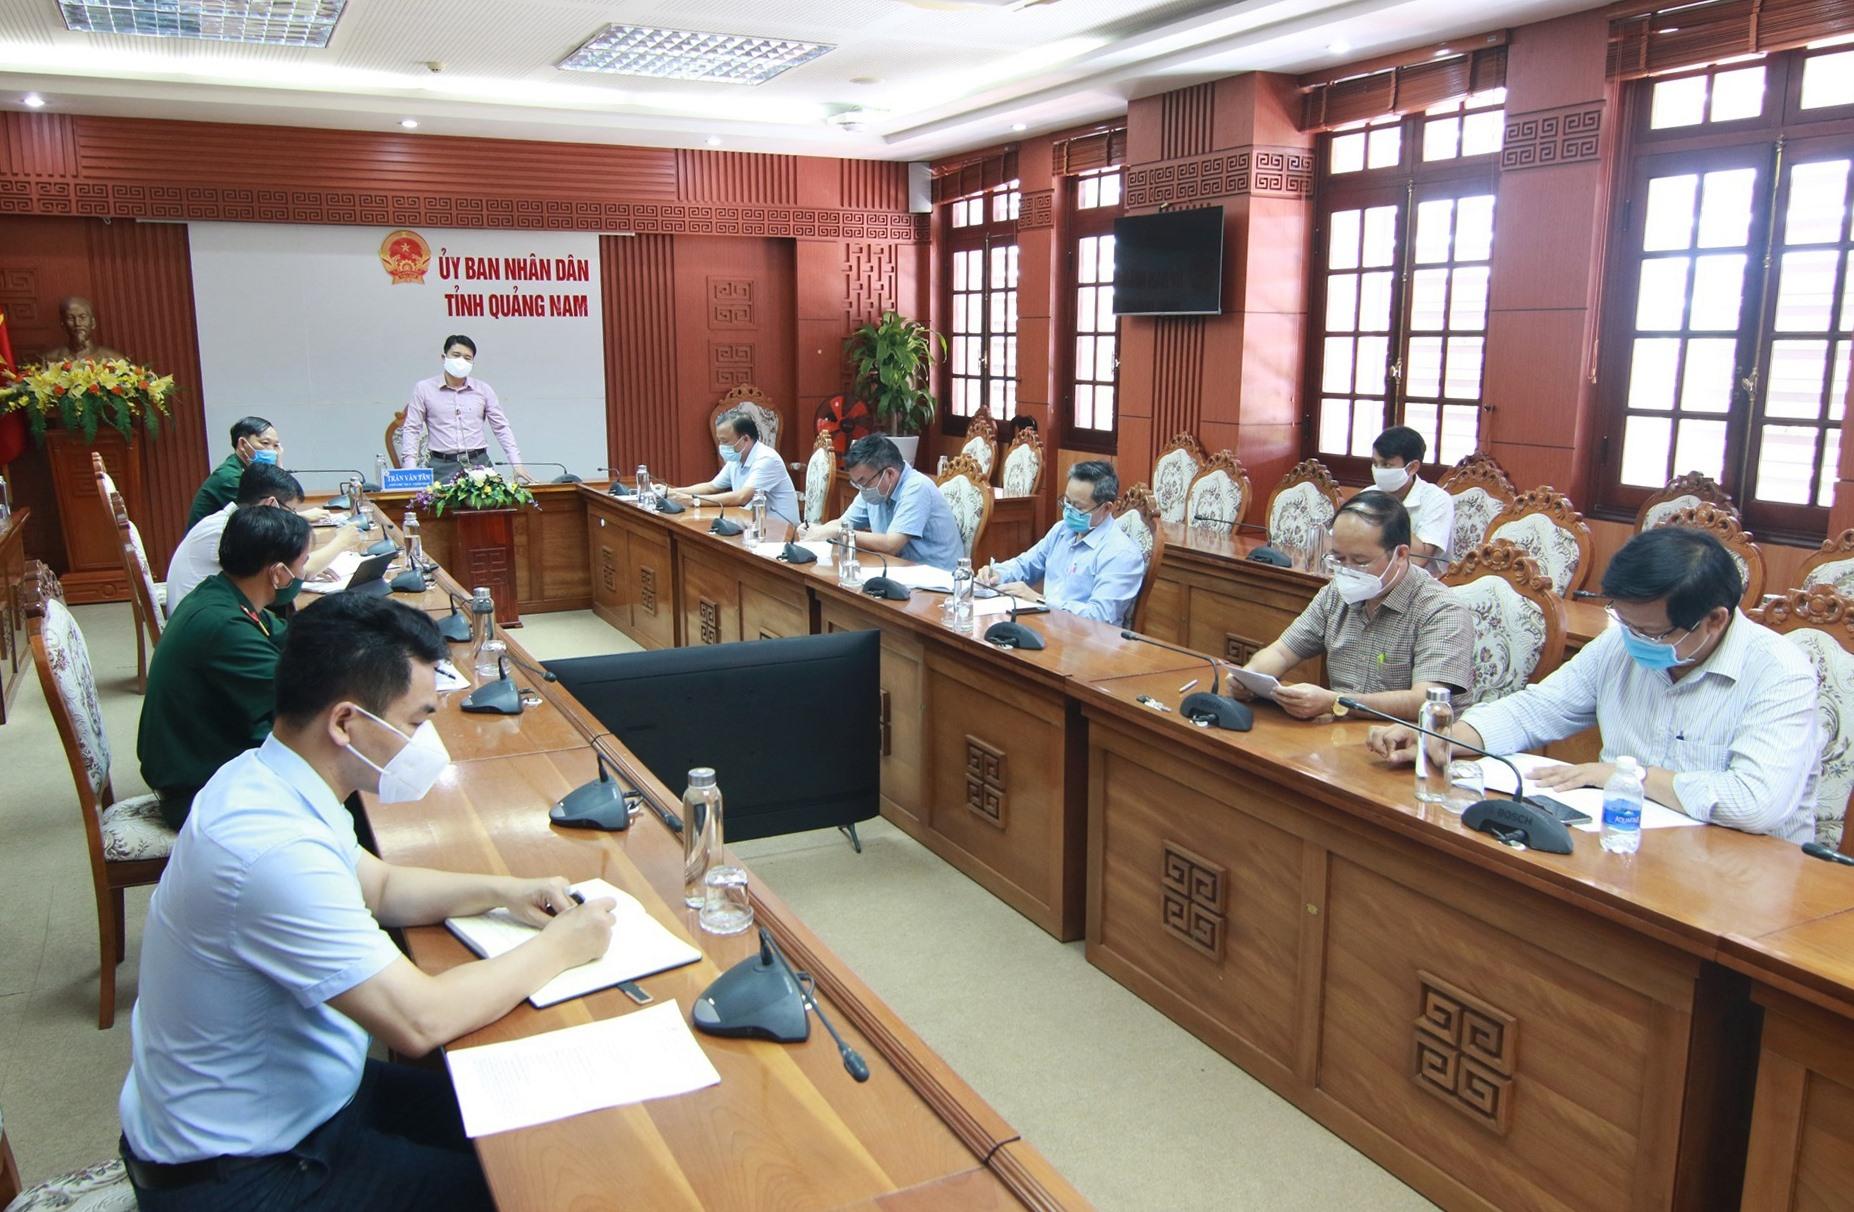 Phó Chủ tịch UBND tỉnh Trần Văn Tân yêu cầu tiểu ban điều trị phải sẵn sàng phương án cho mọi tình huống. Ảnh: T.C